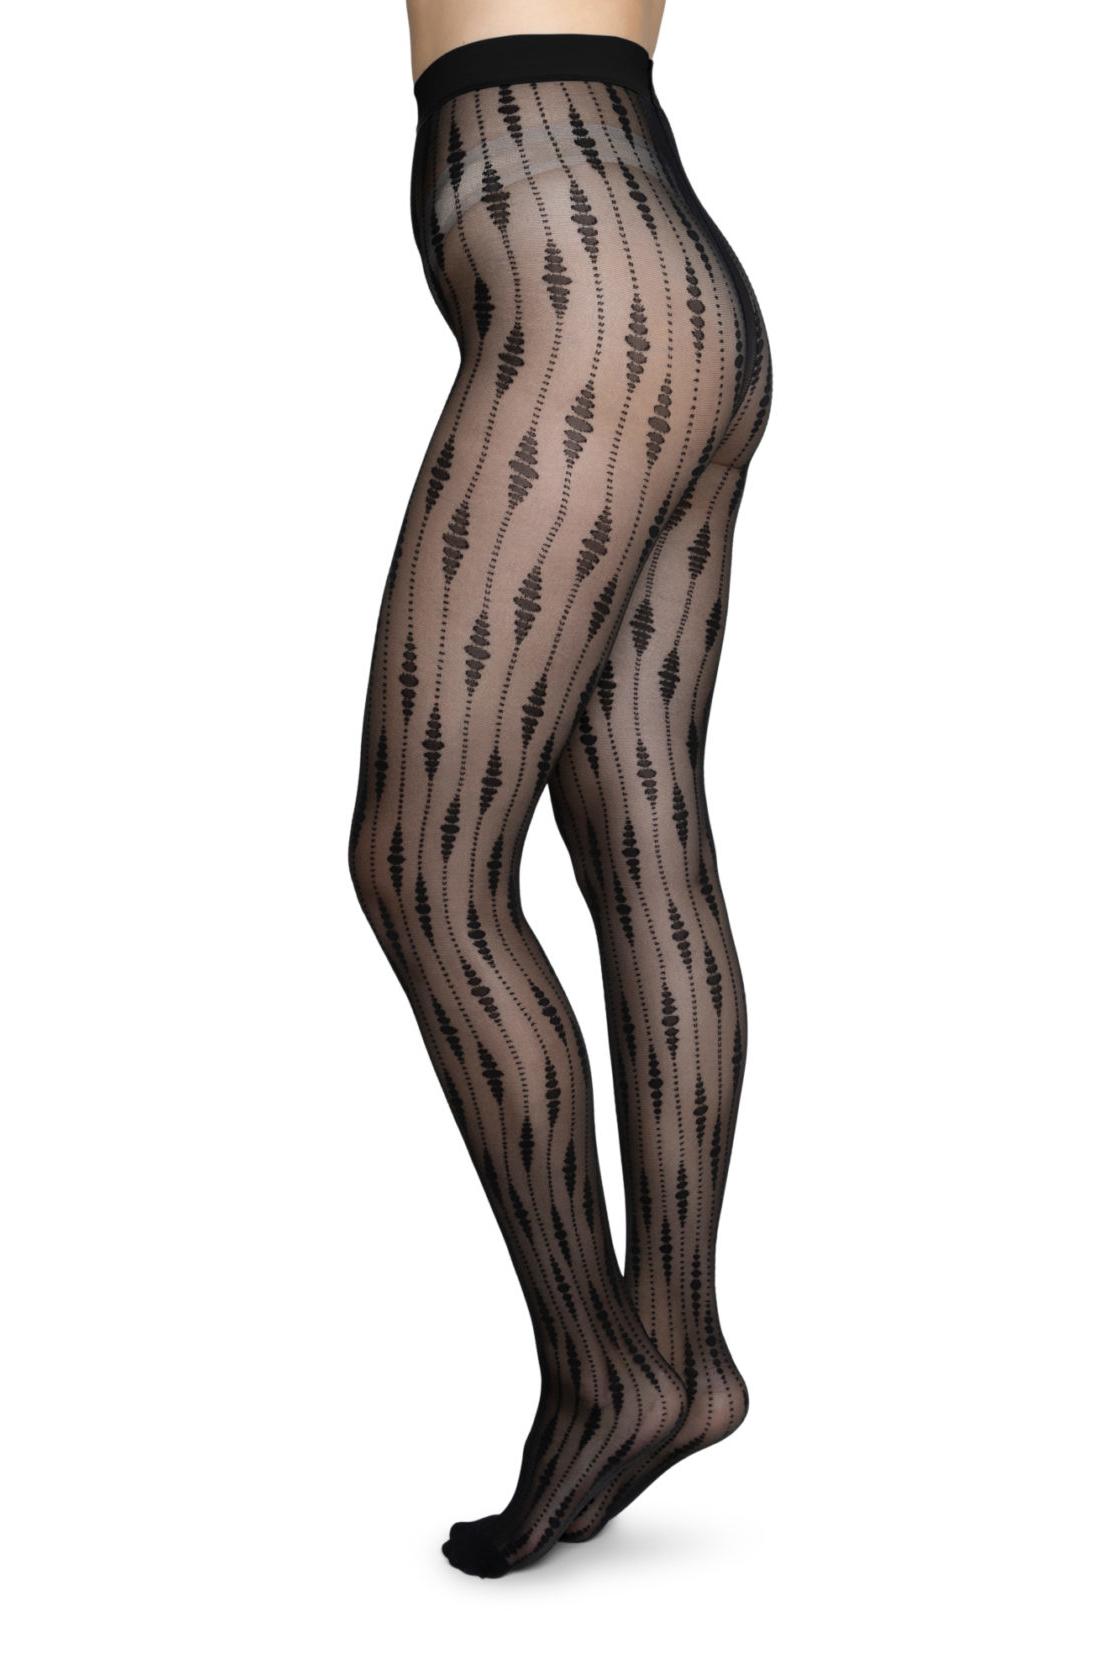 Roberta Organic Fashion Swedish Stockings Josefin